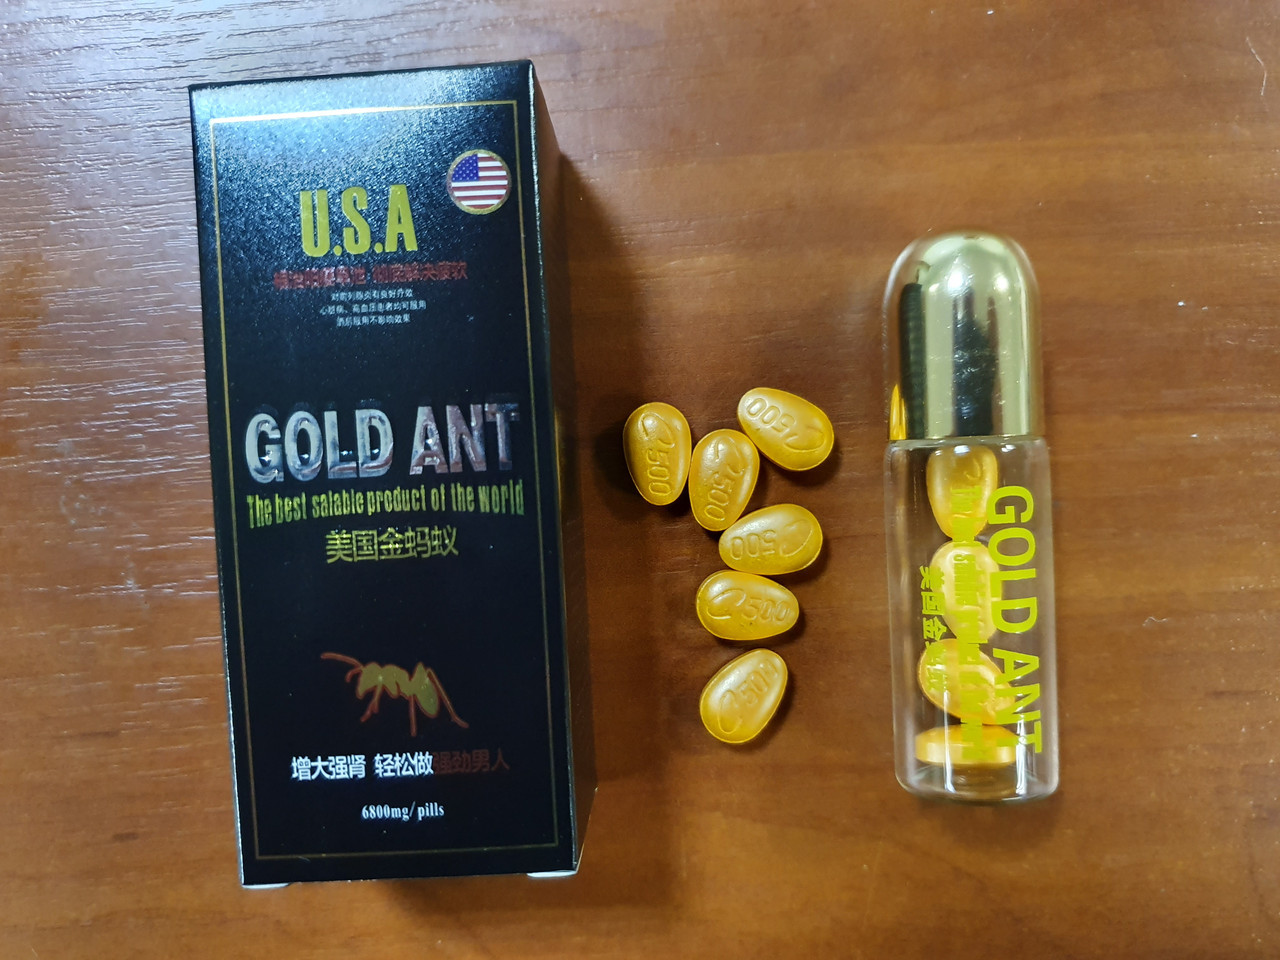 Таблетки для повышения потенции Золотой Муравей (10 таблеток)